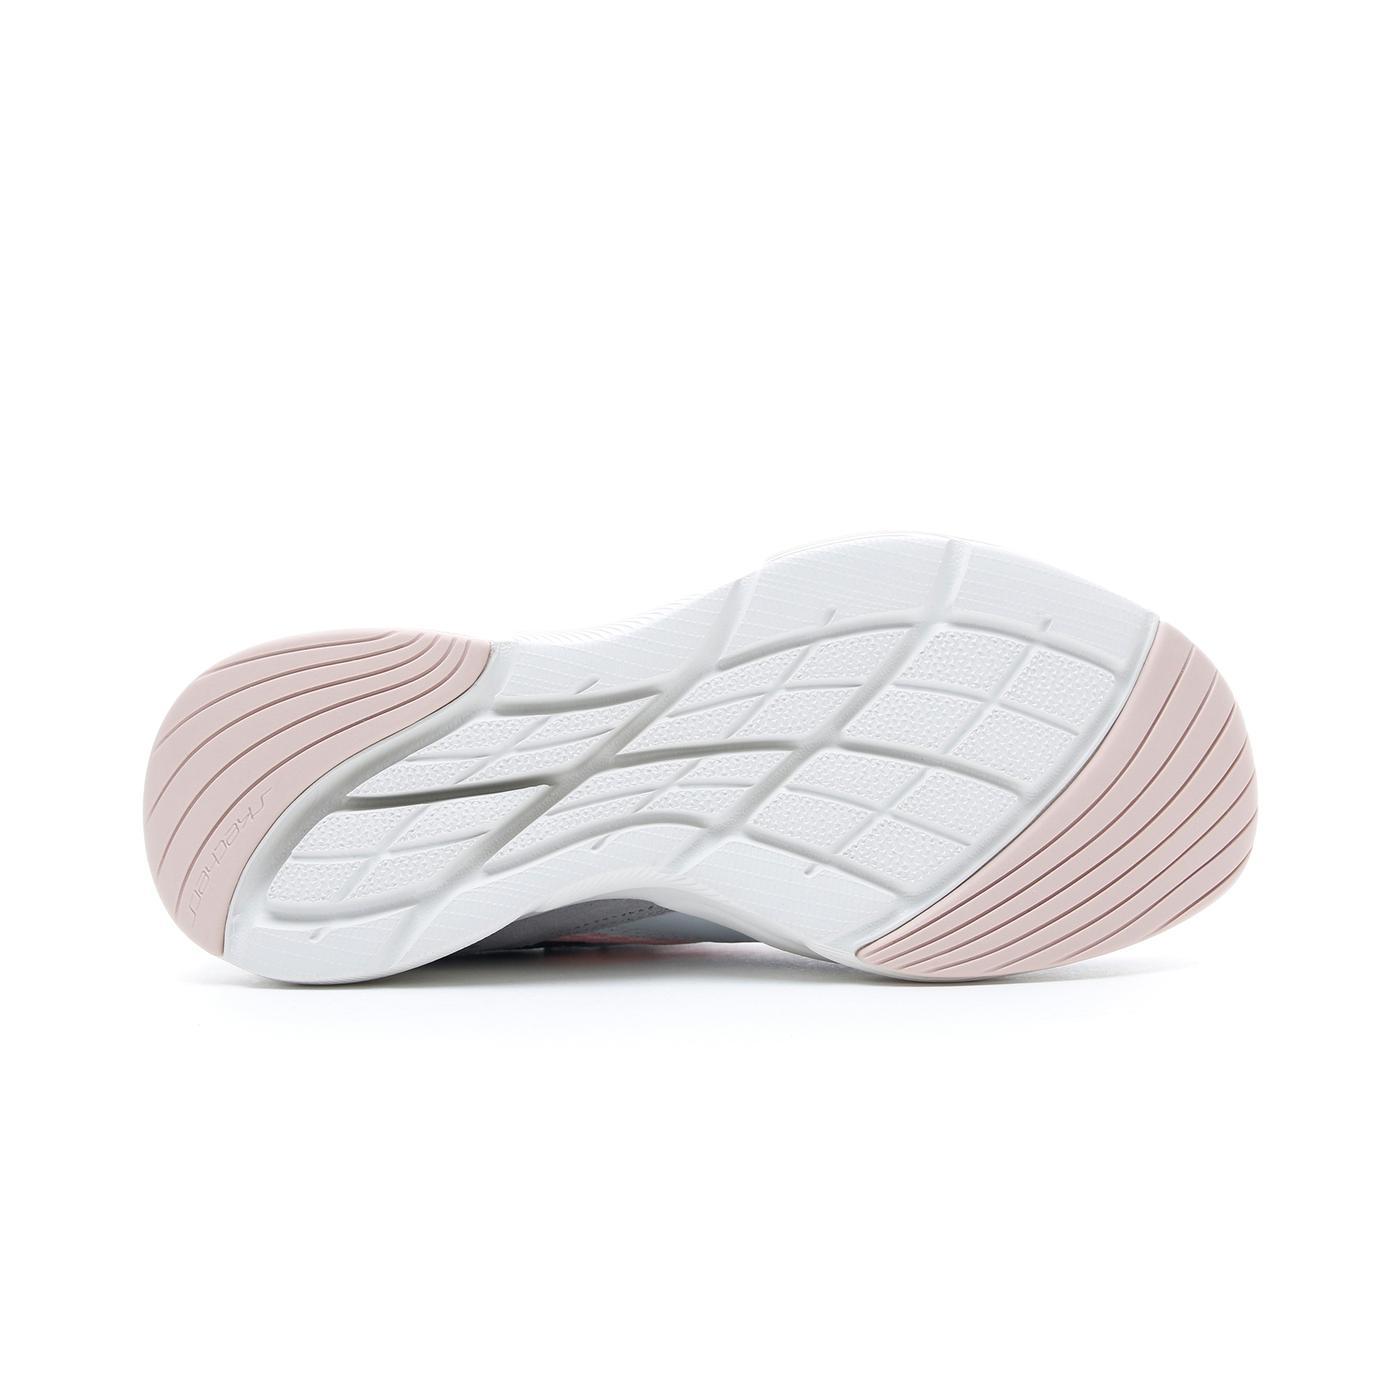 Skechers Meridian Gri Kadın Spor Ayakkabı